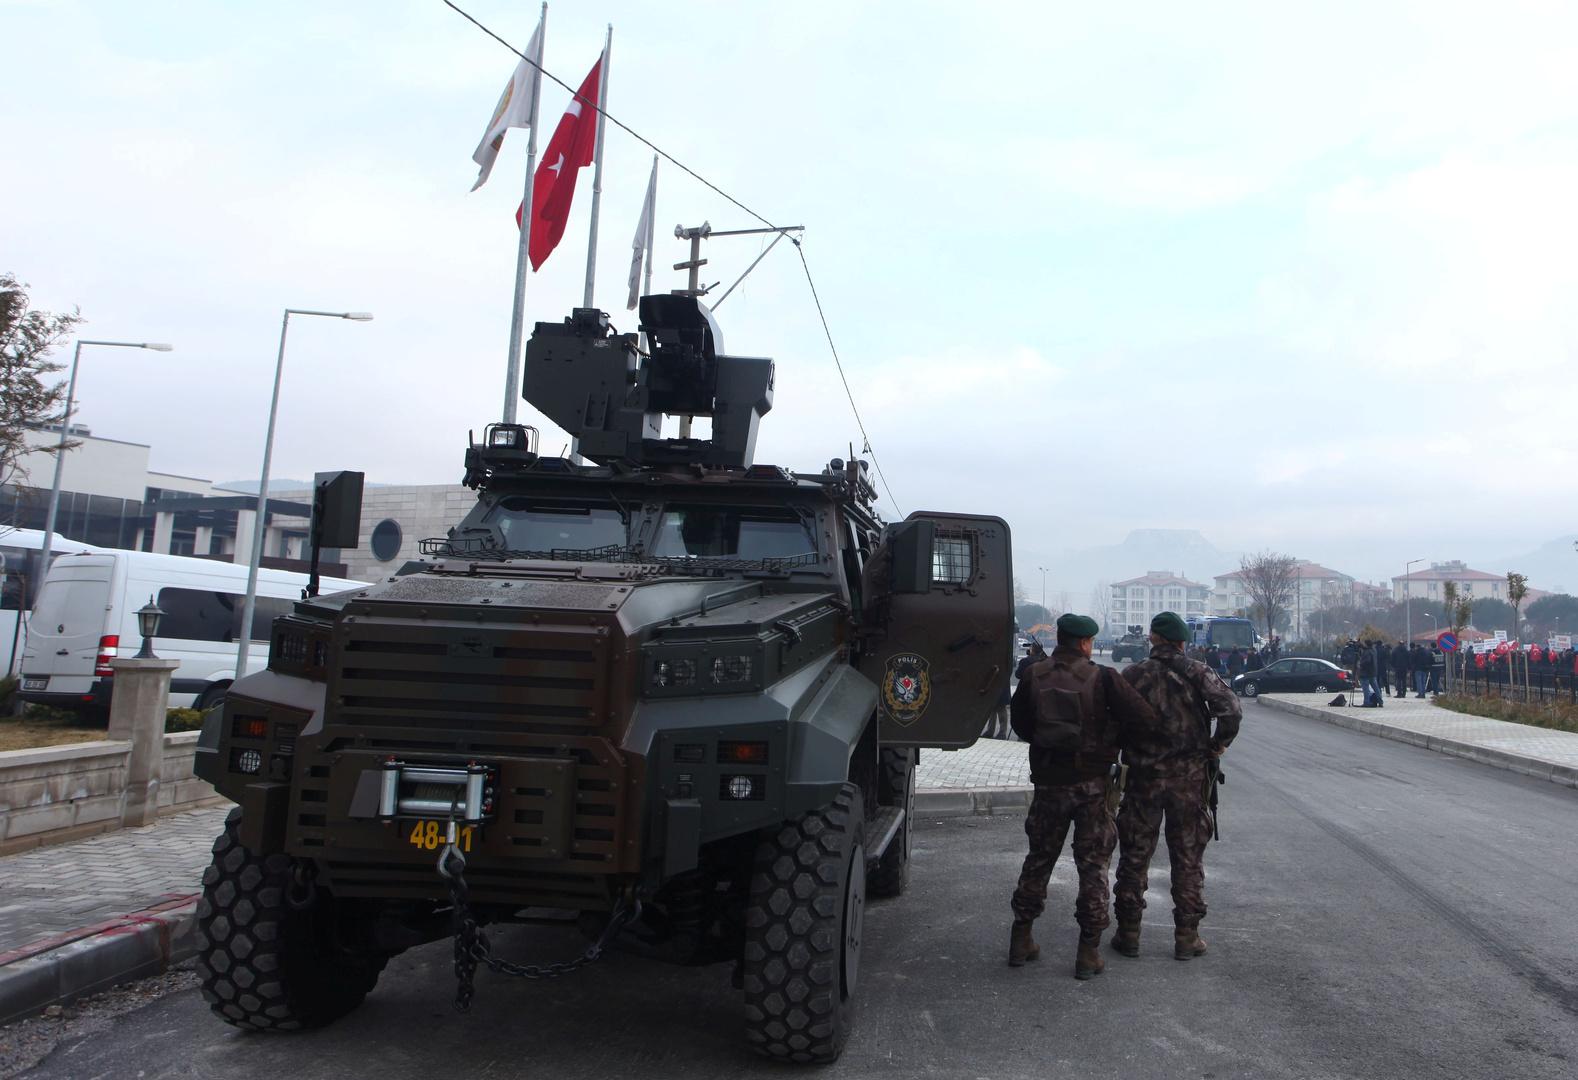 تركيا تعتقل 34 عسكريا على خلفية محاولة الانقلاب الفاشل سنة 2016